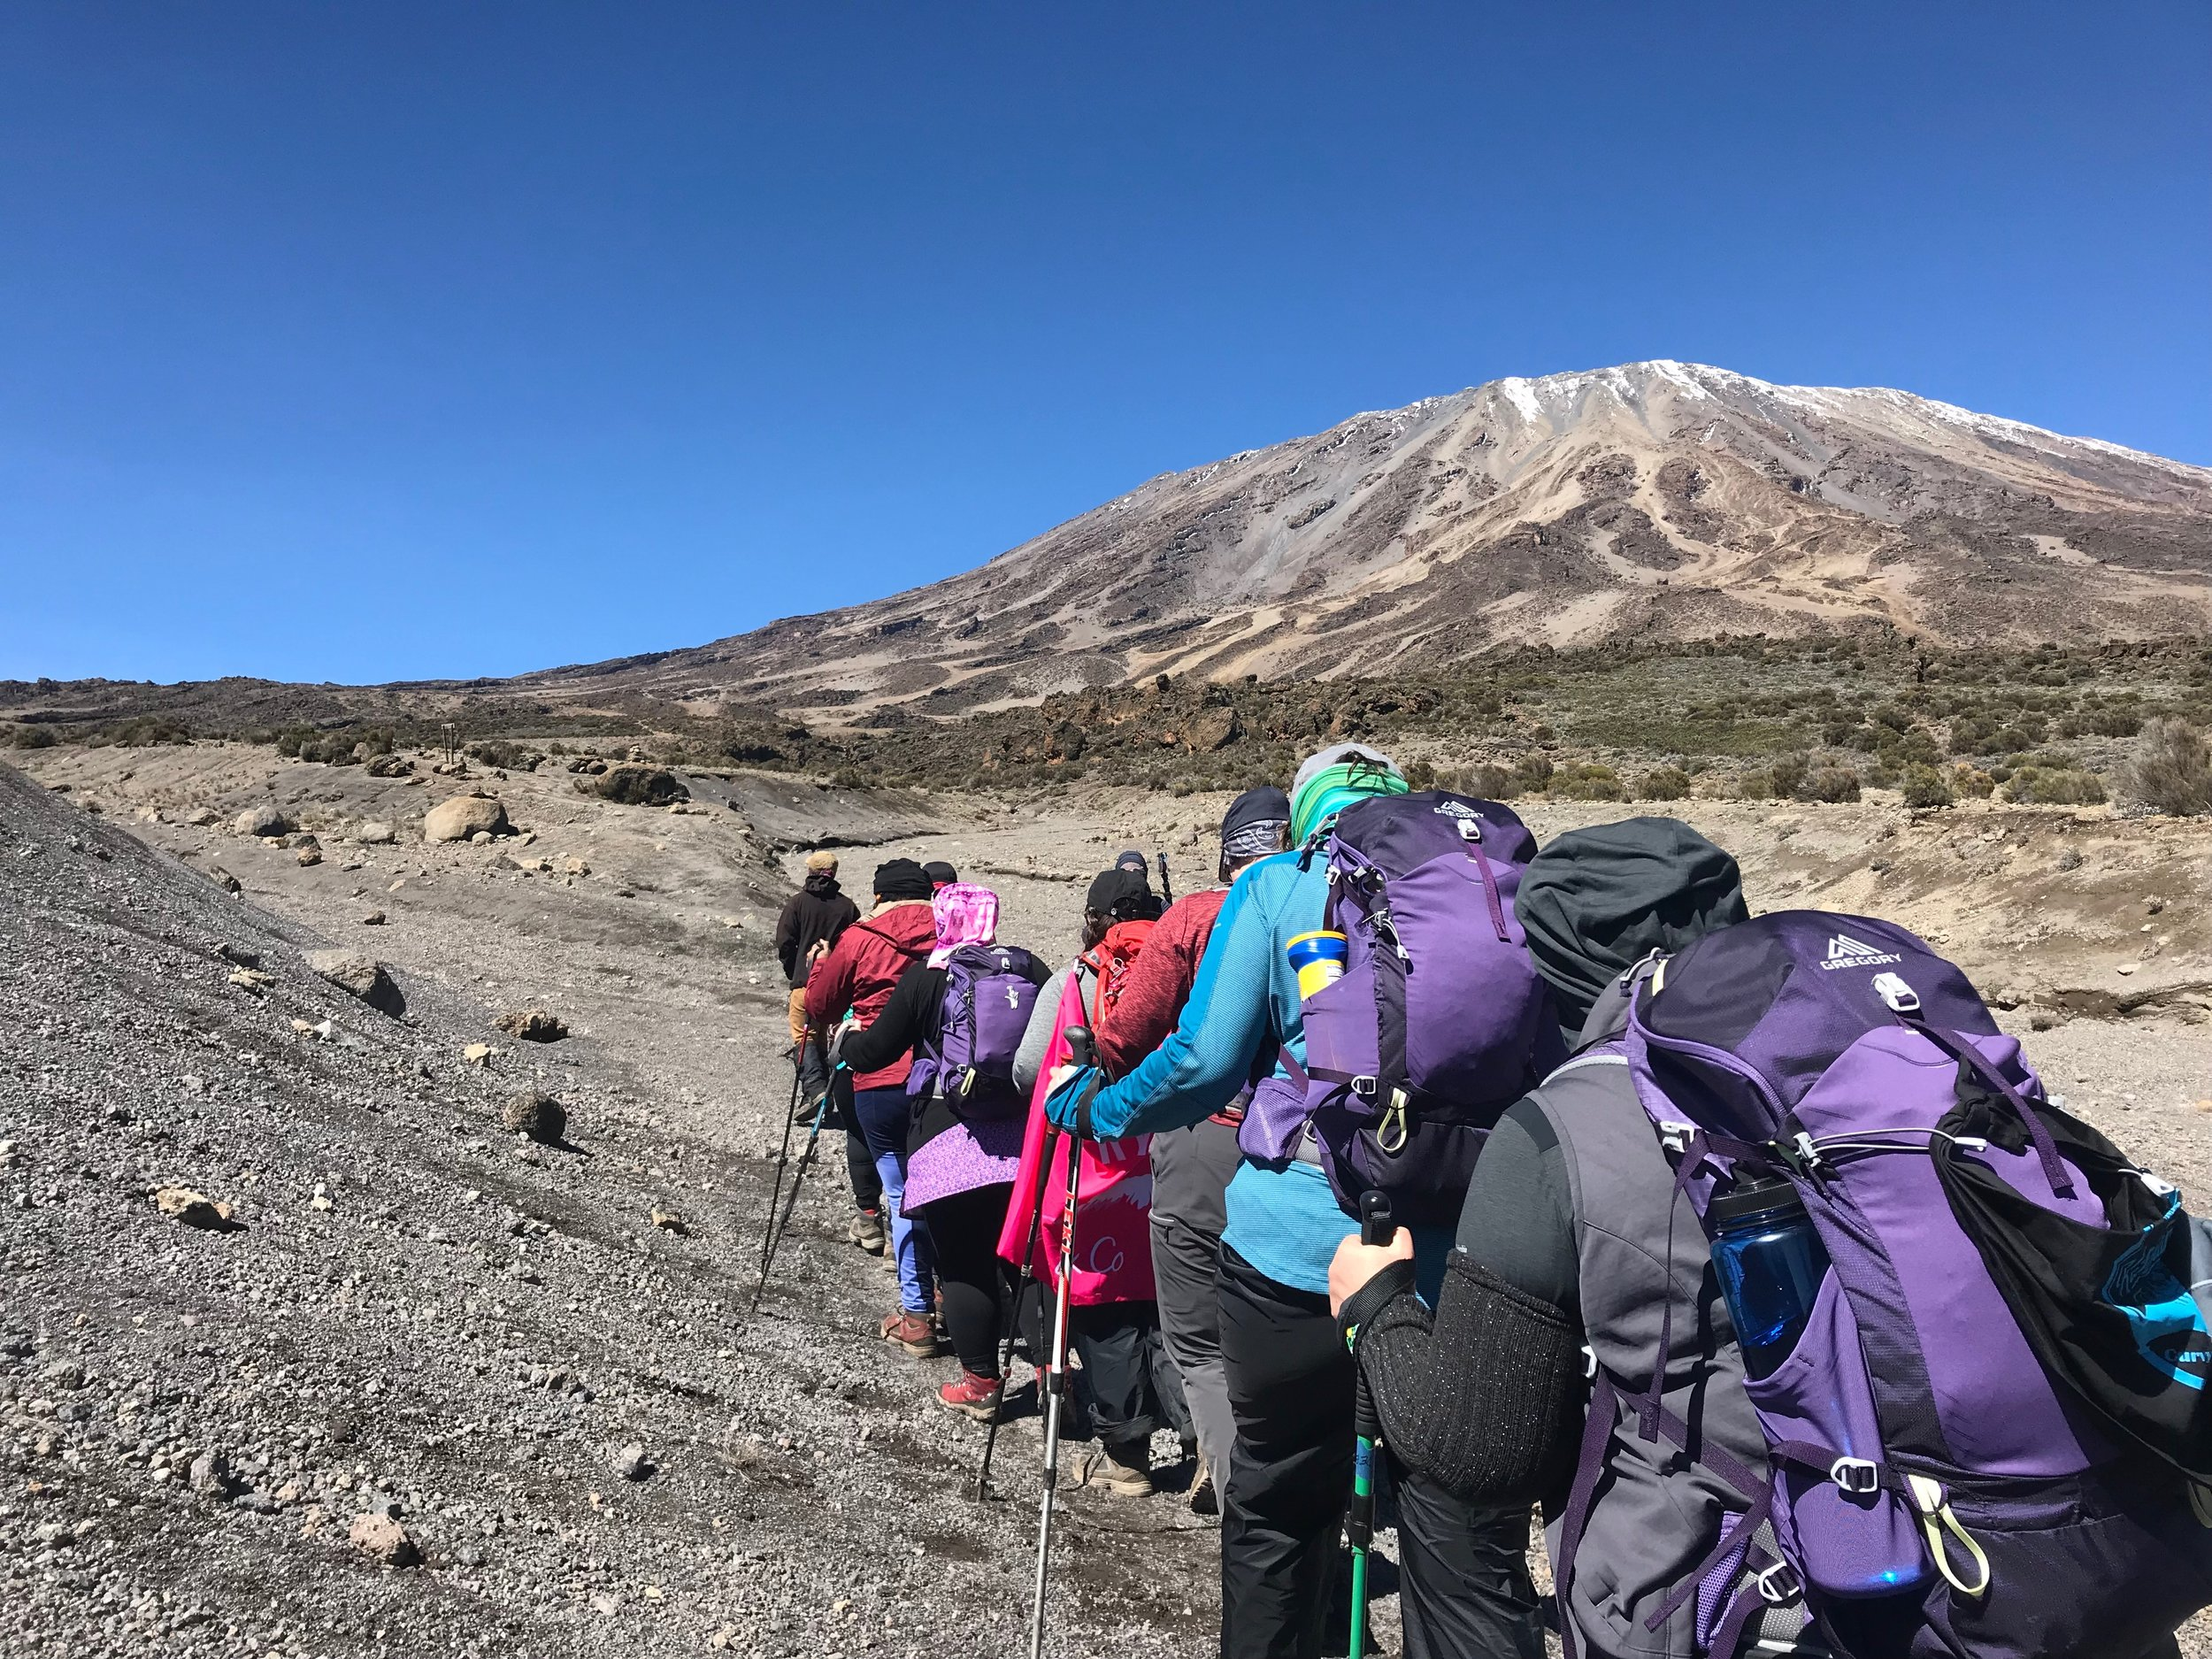 Where is Kilimanjaro